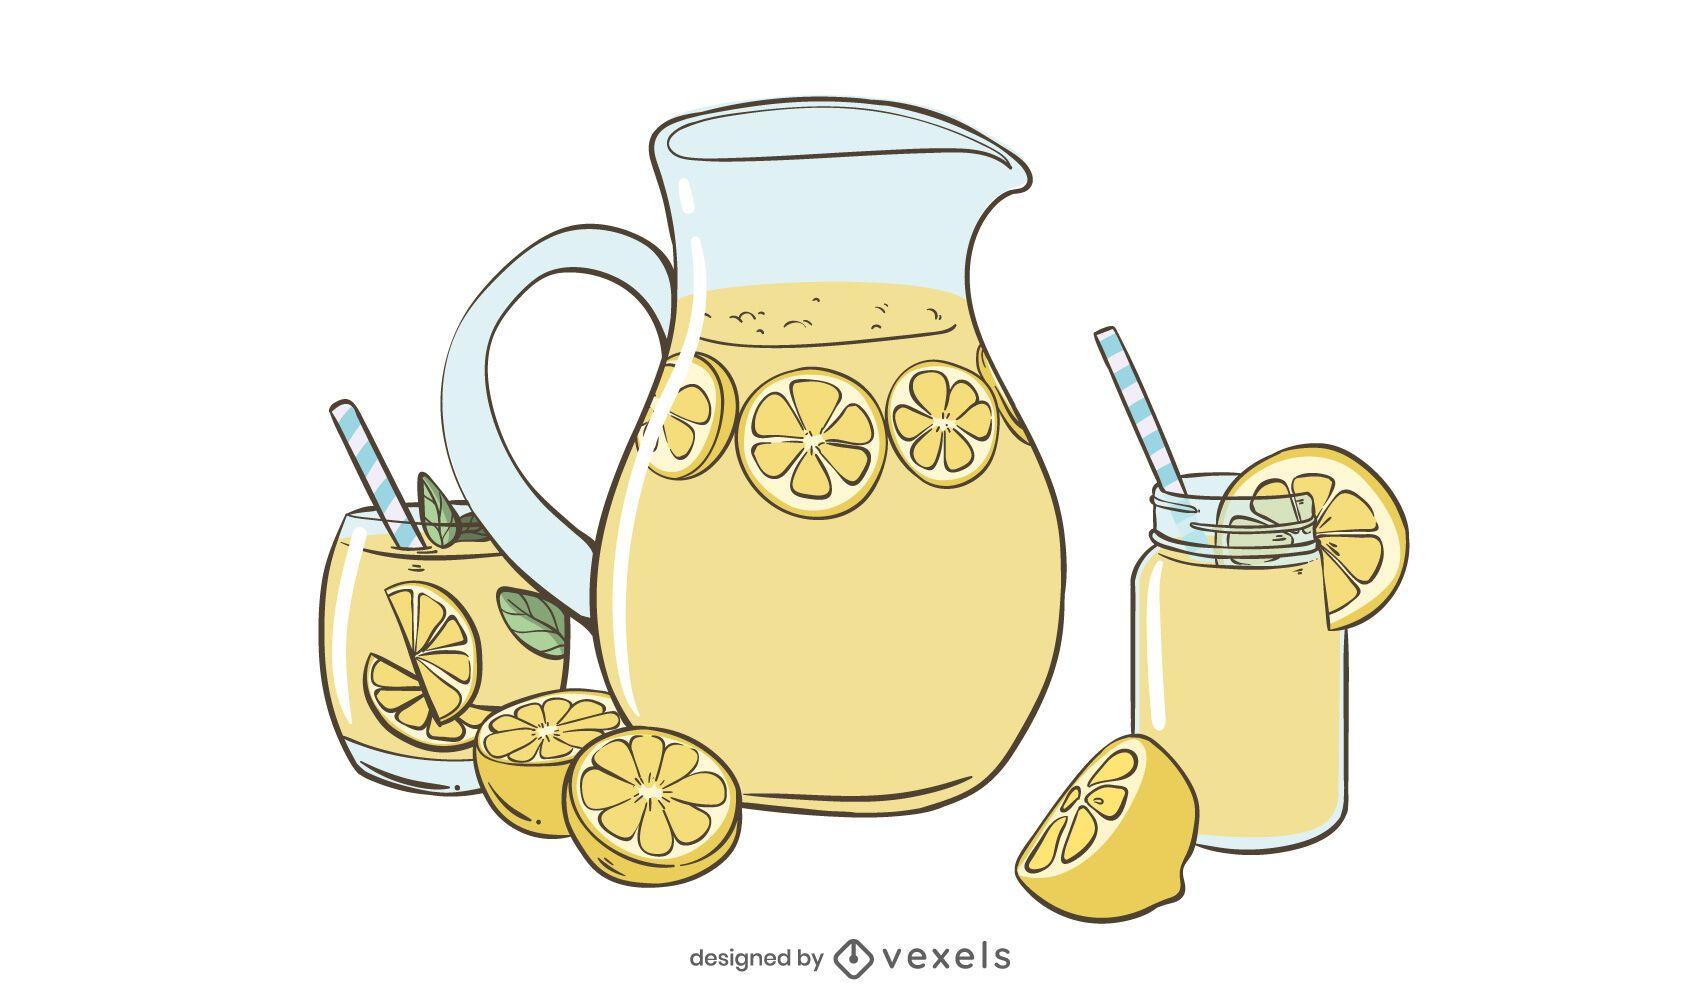 Lemonade illustration design